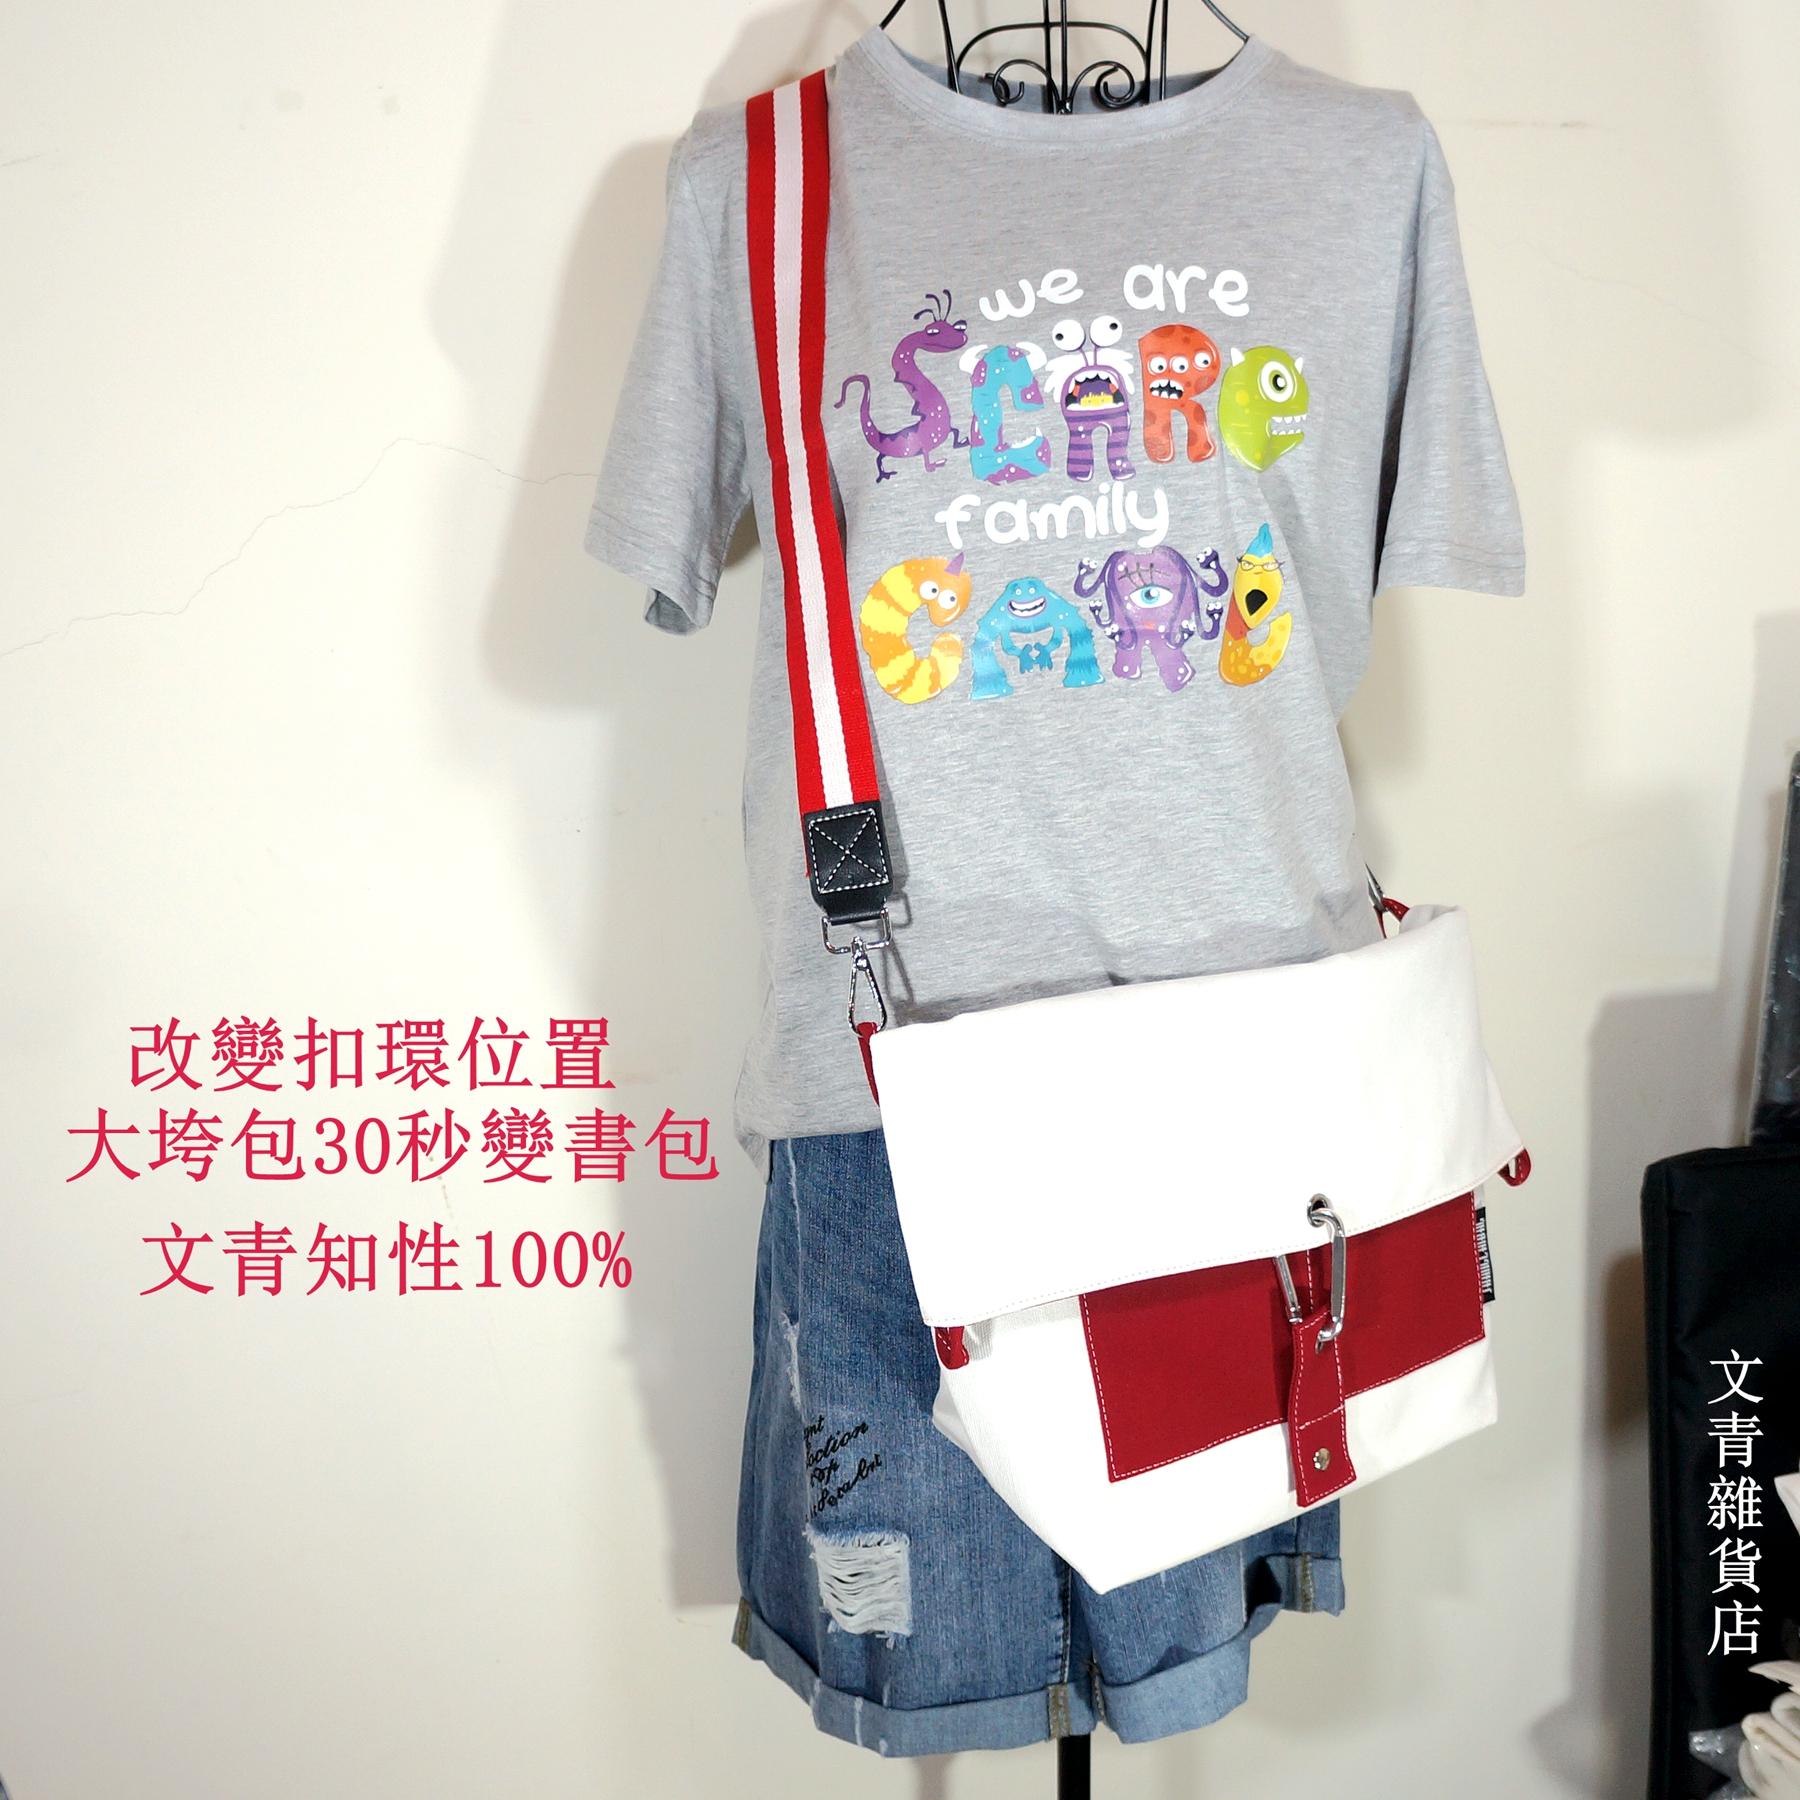 文青雜貨店 日韓系文青撞色上課包 中性設計 兩段式背法 垮包、書包隨你!